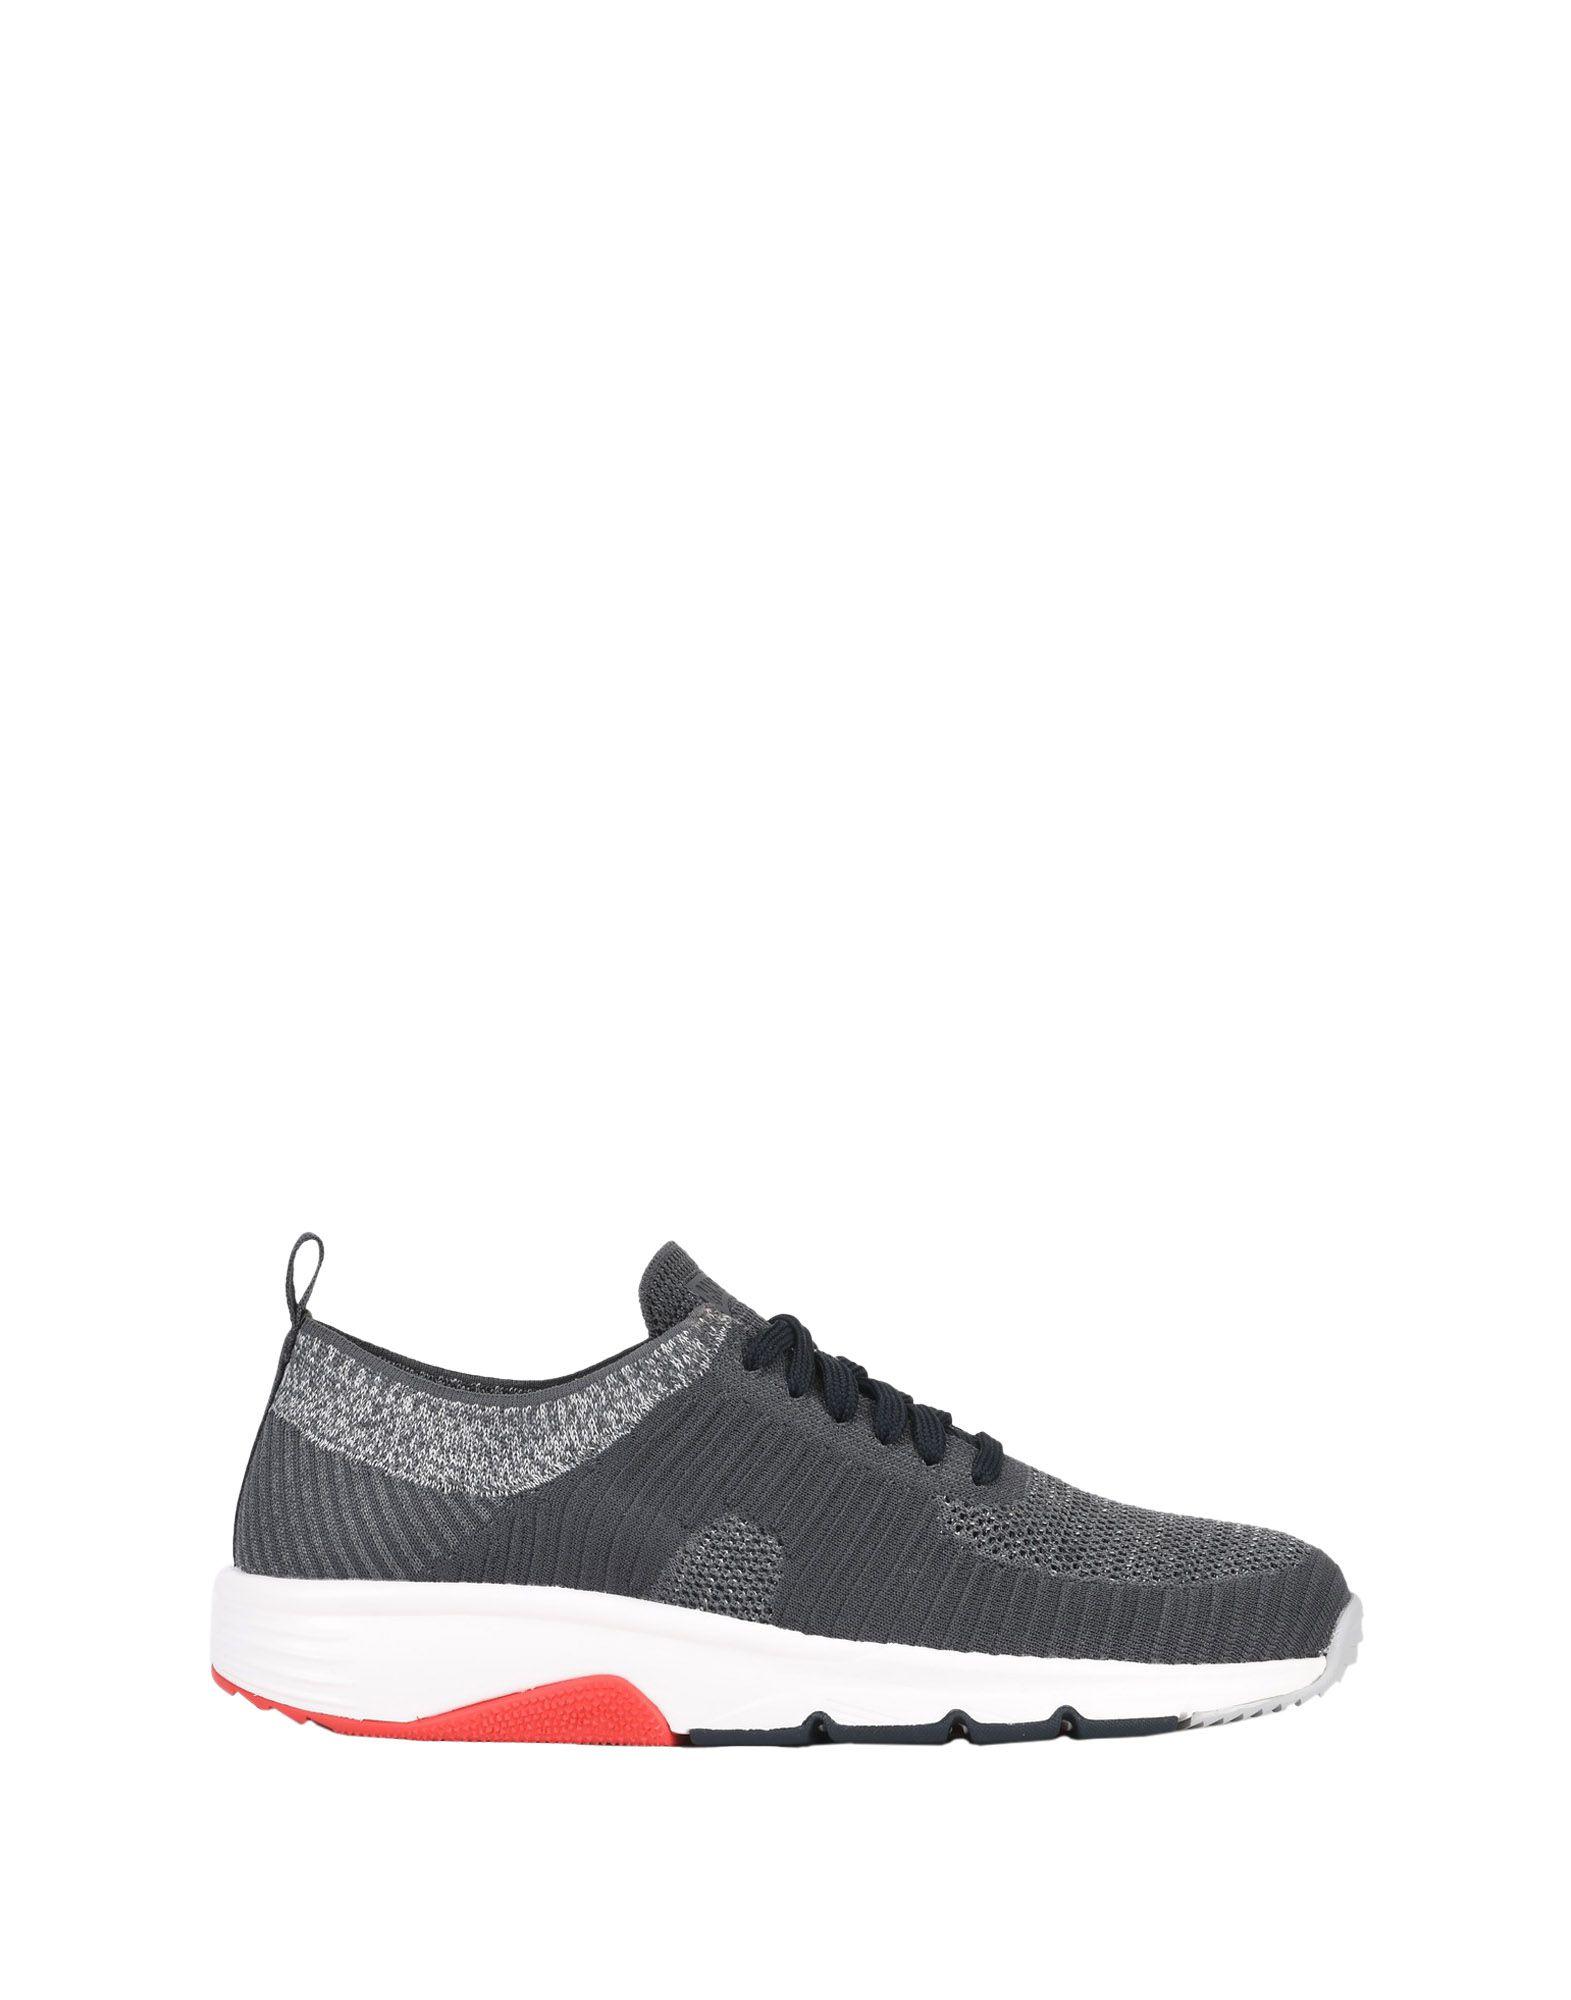 Sneakers Camper Drift - Homme - Sneakers Camper sur